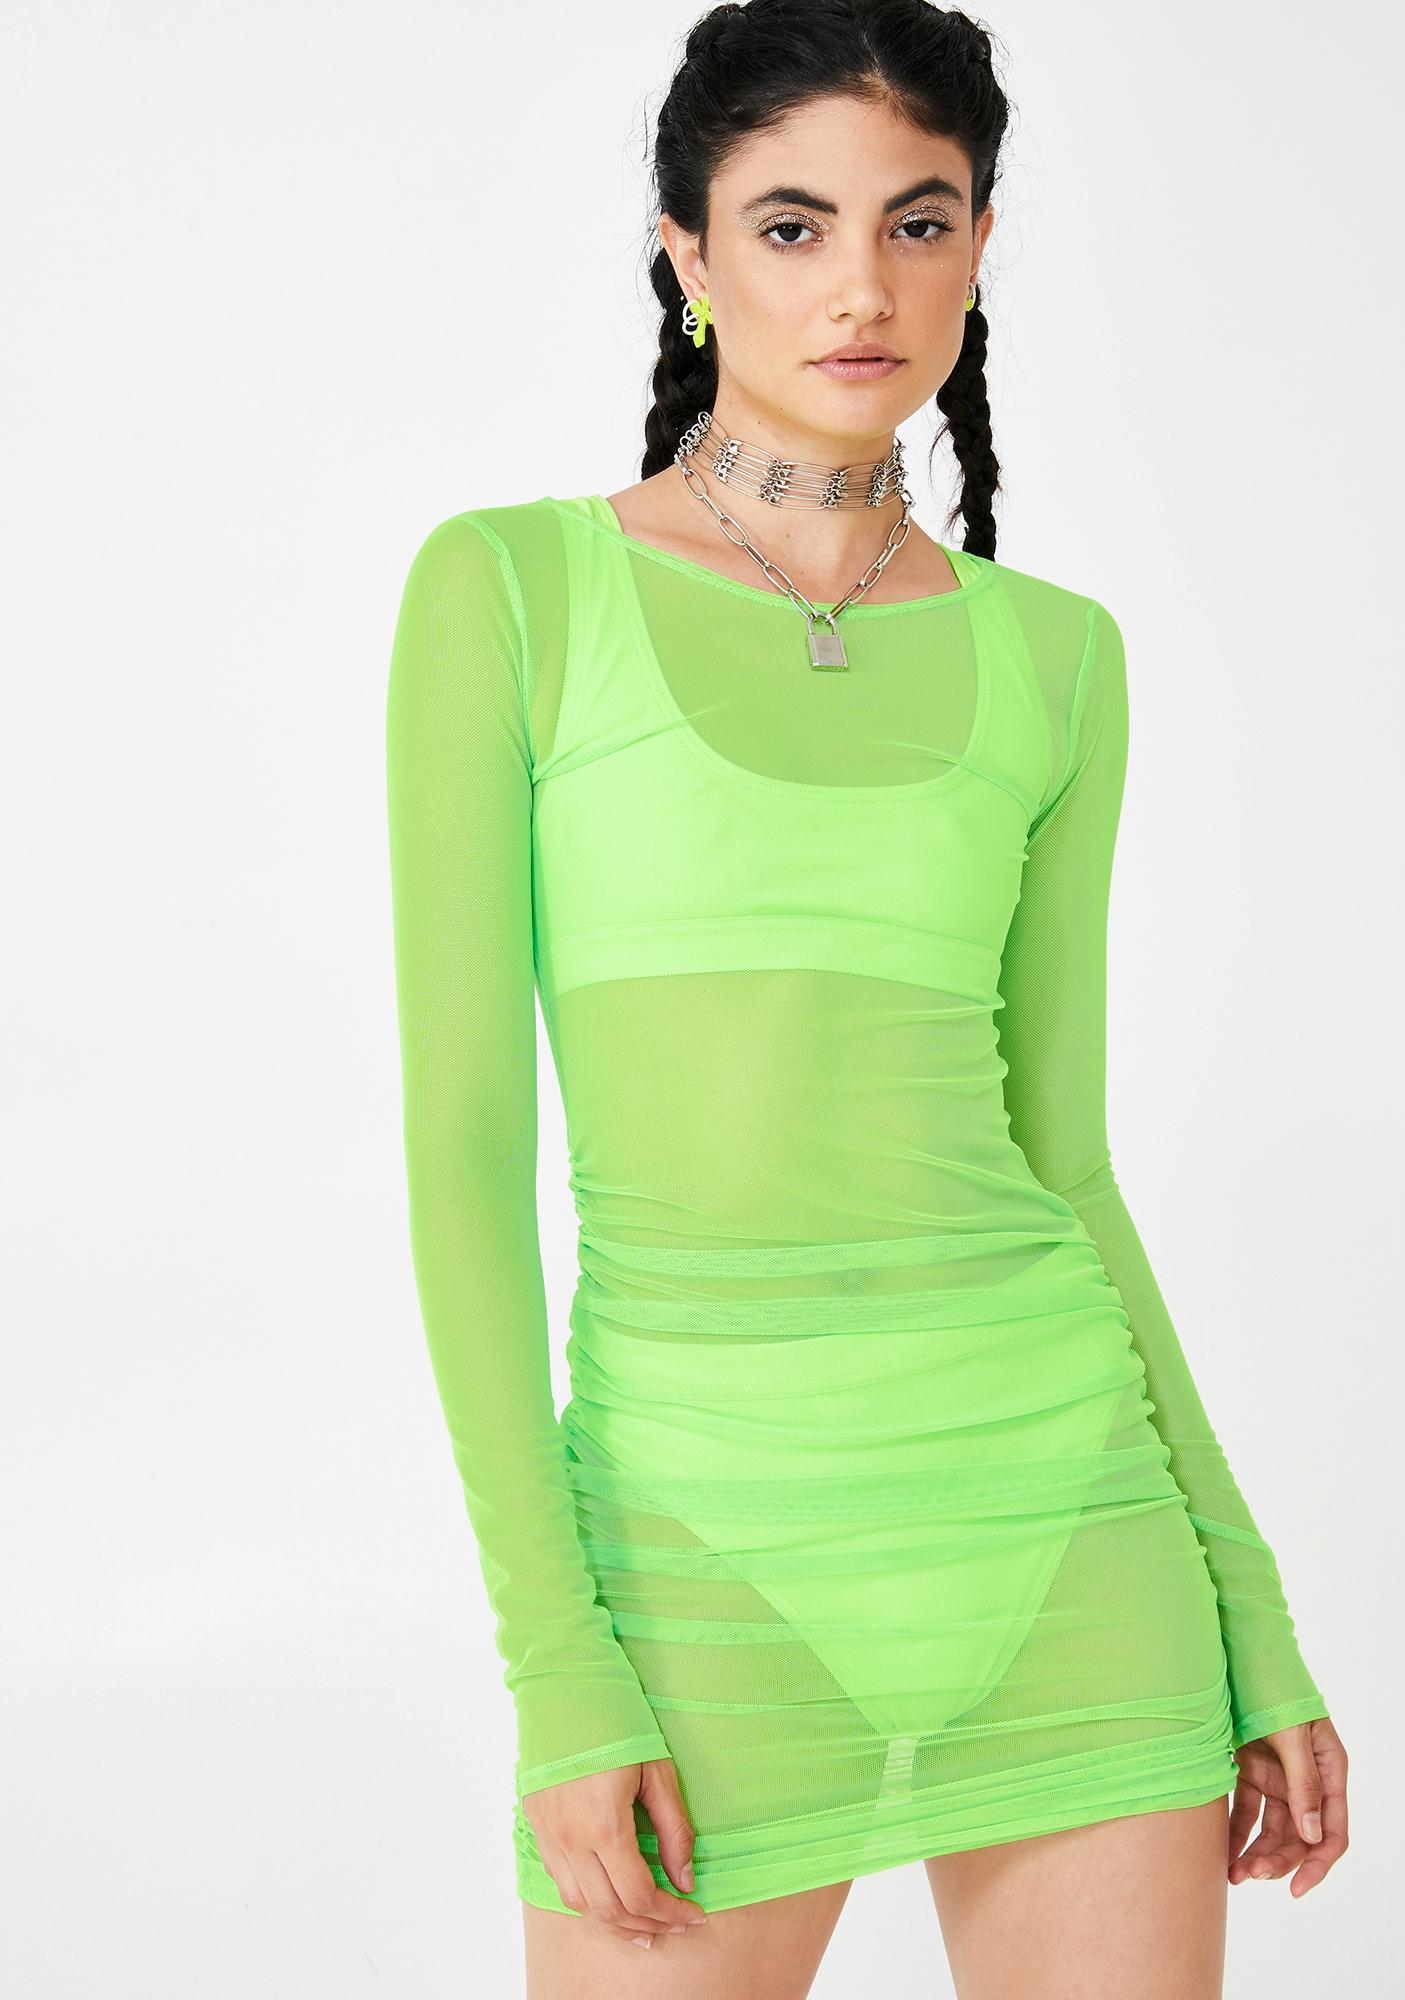 BADGAL BLVD Cash Baecation Mesh Ruched Dress